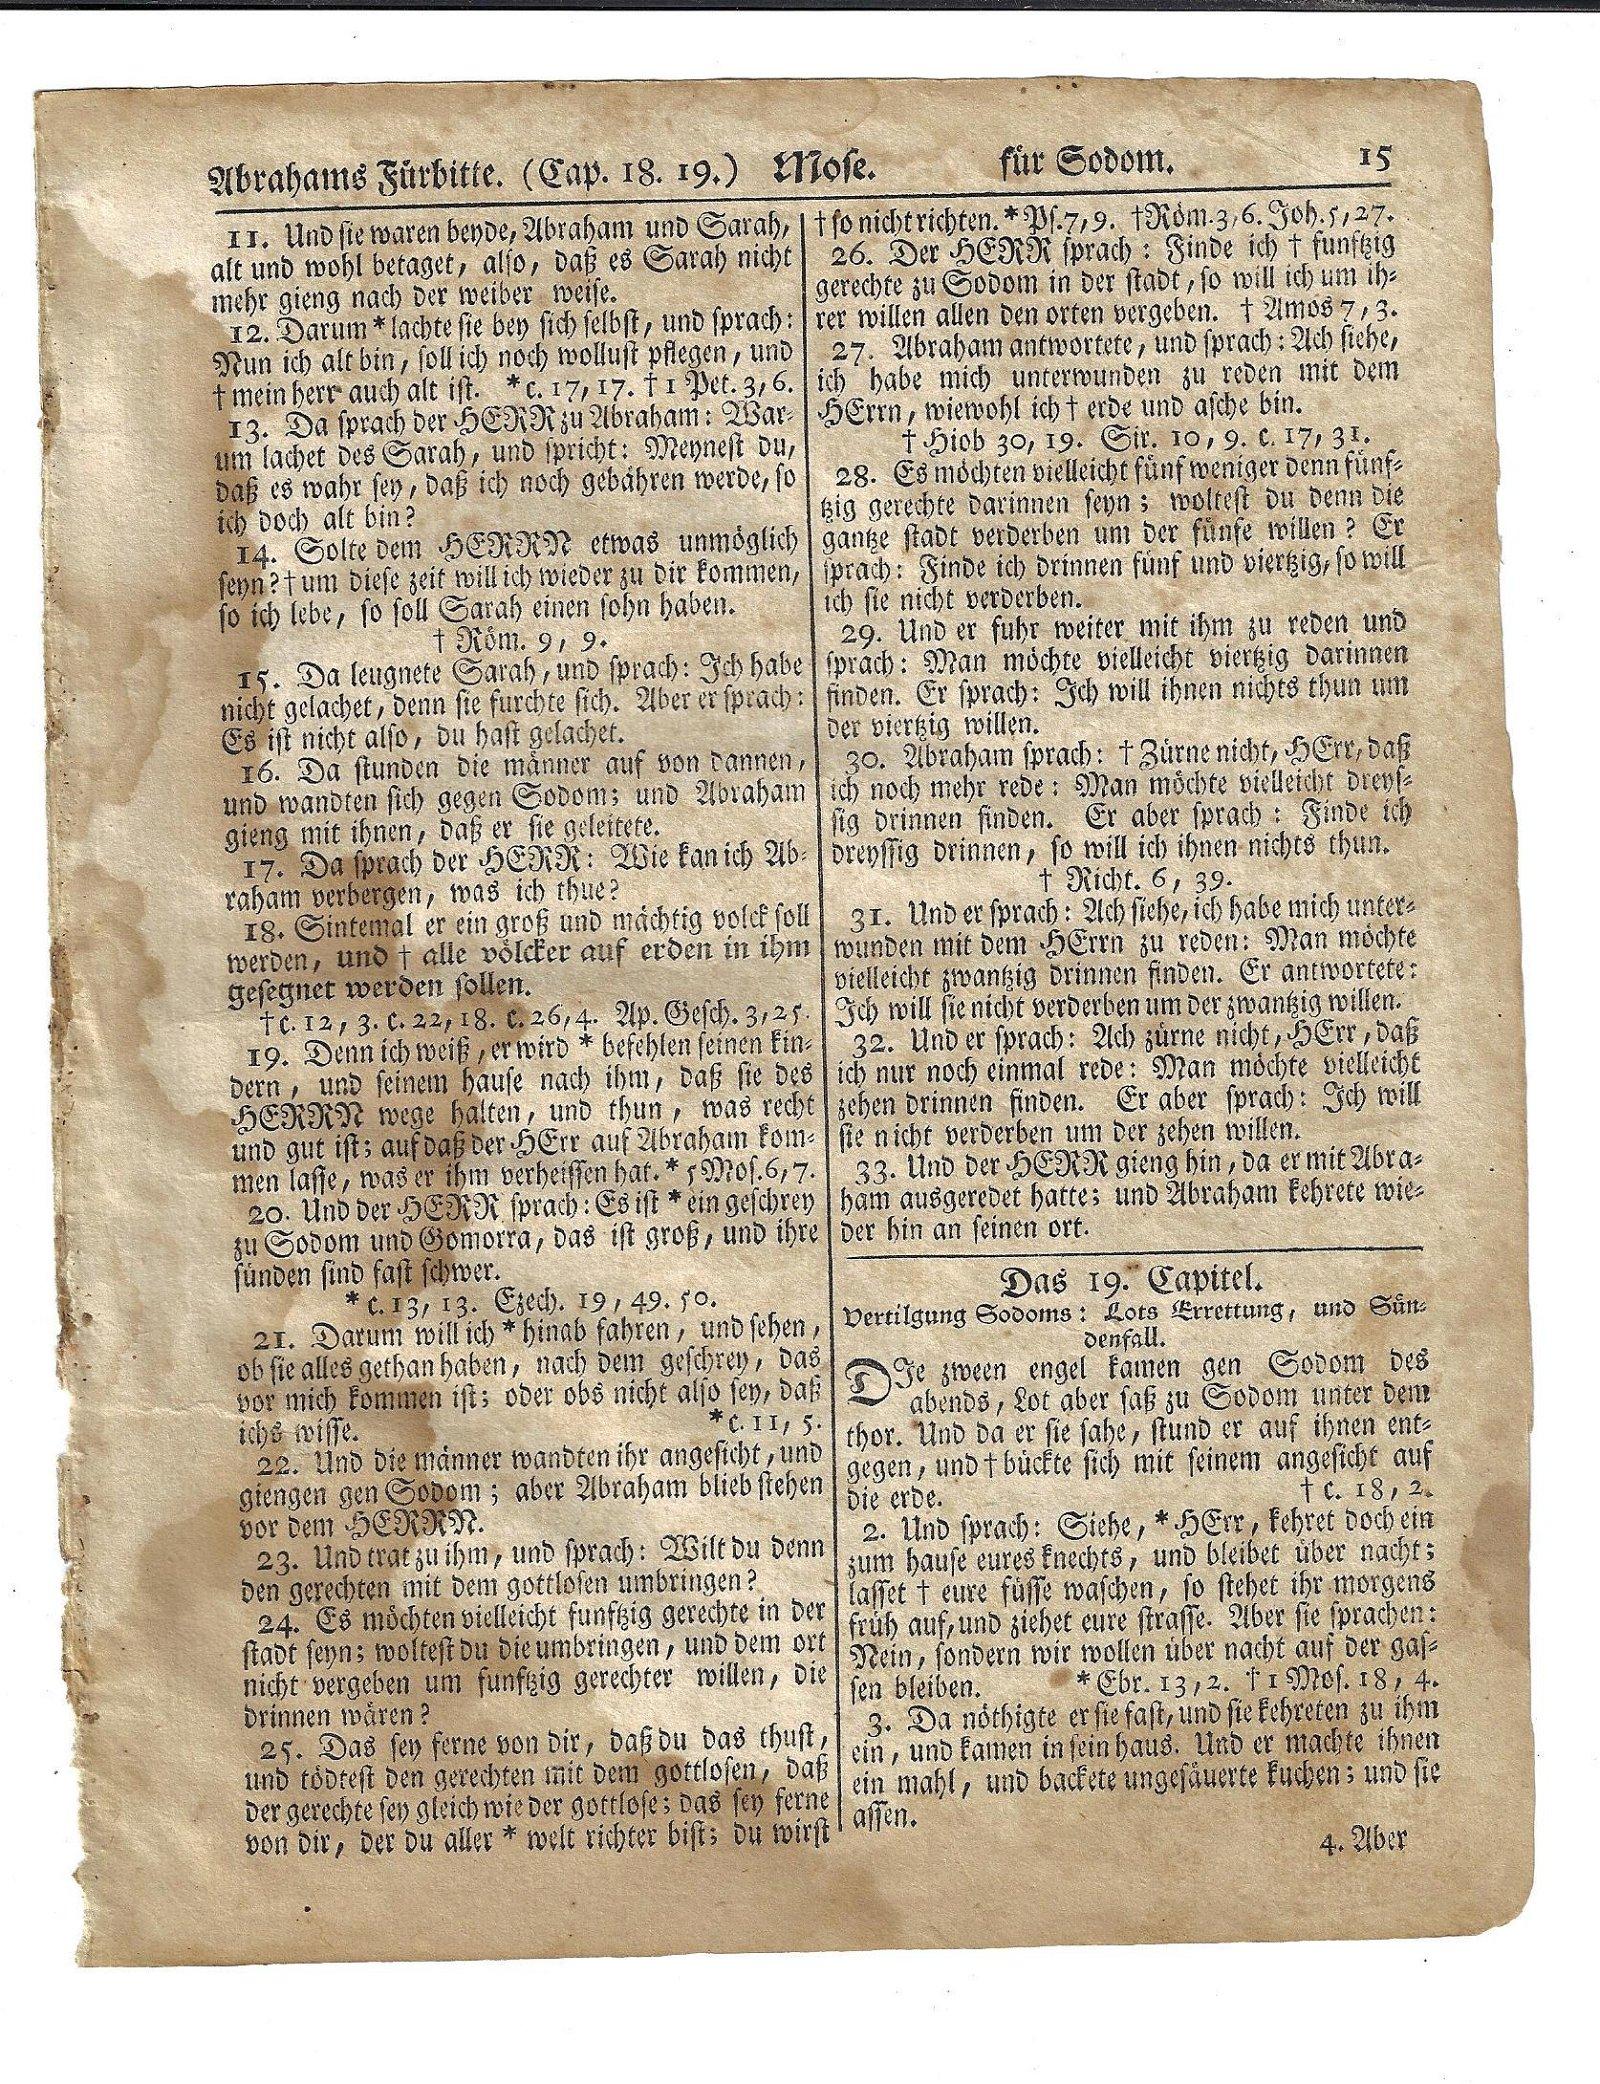 1776 Saur Gun-Wad Bible Leaf Revolutionary War